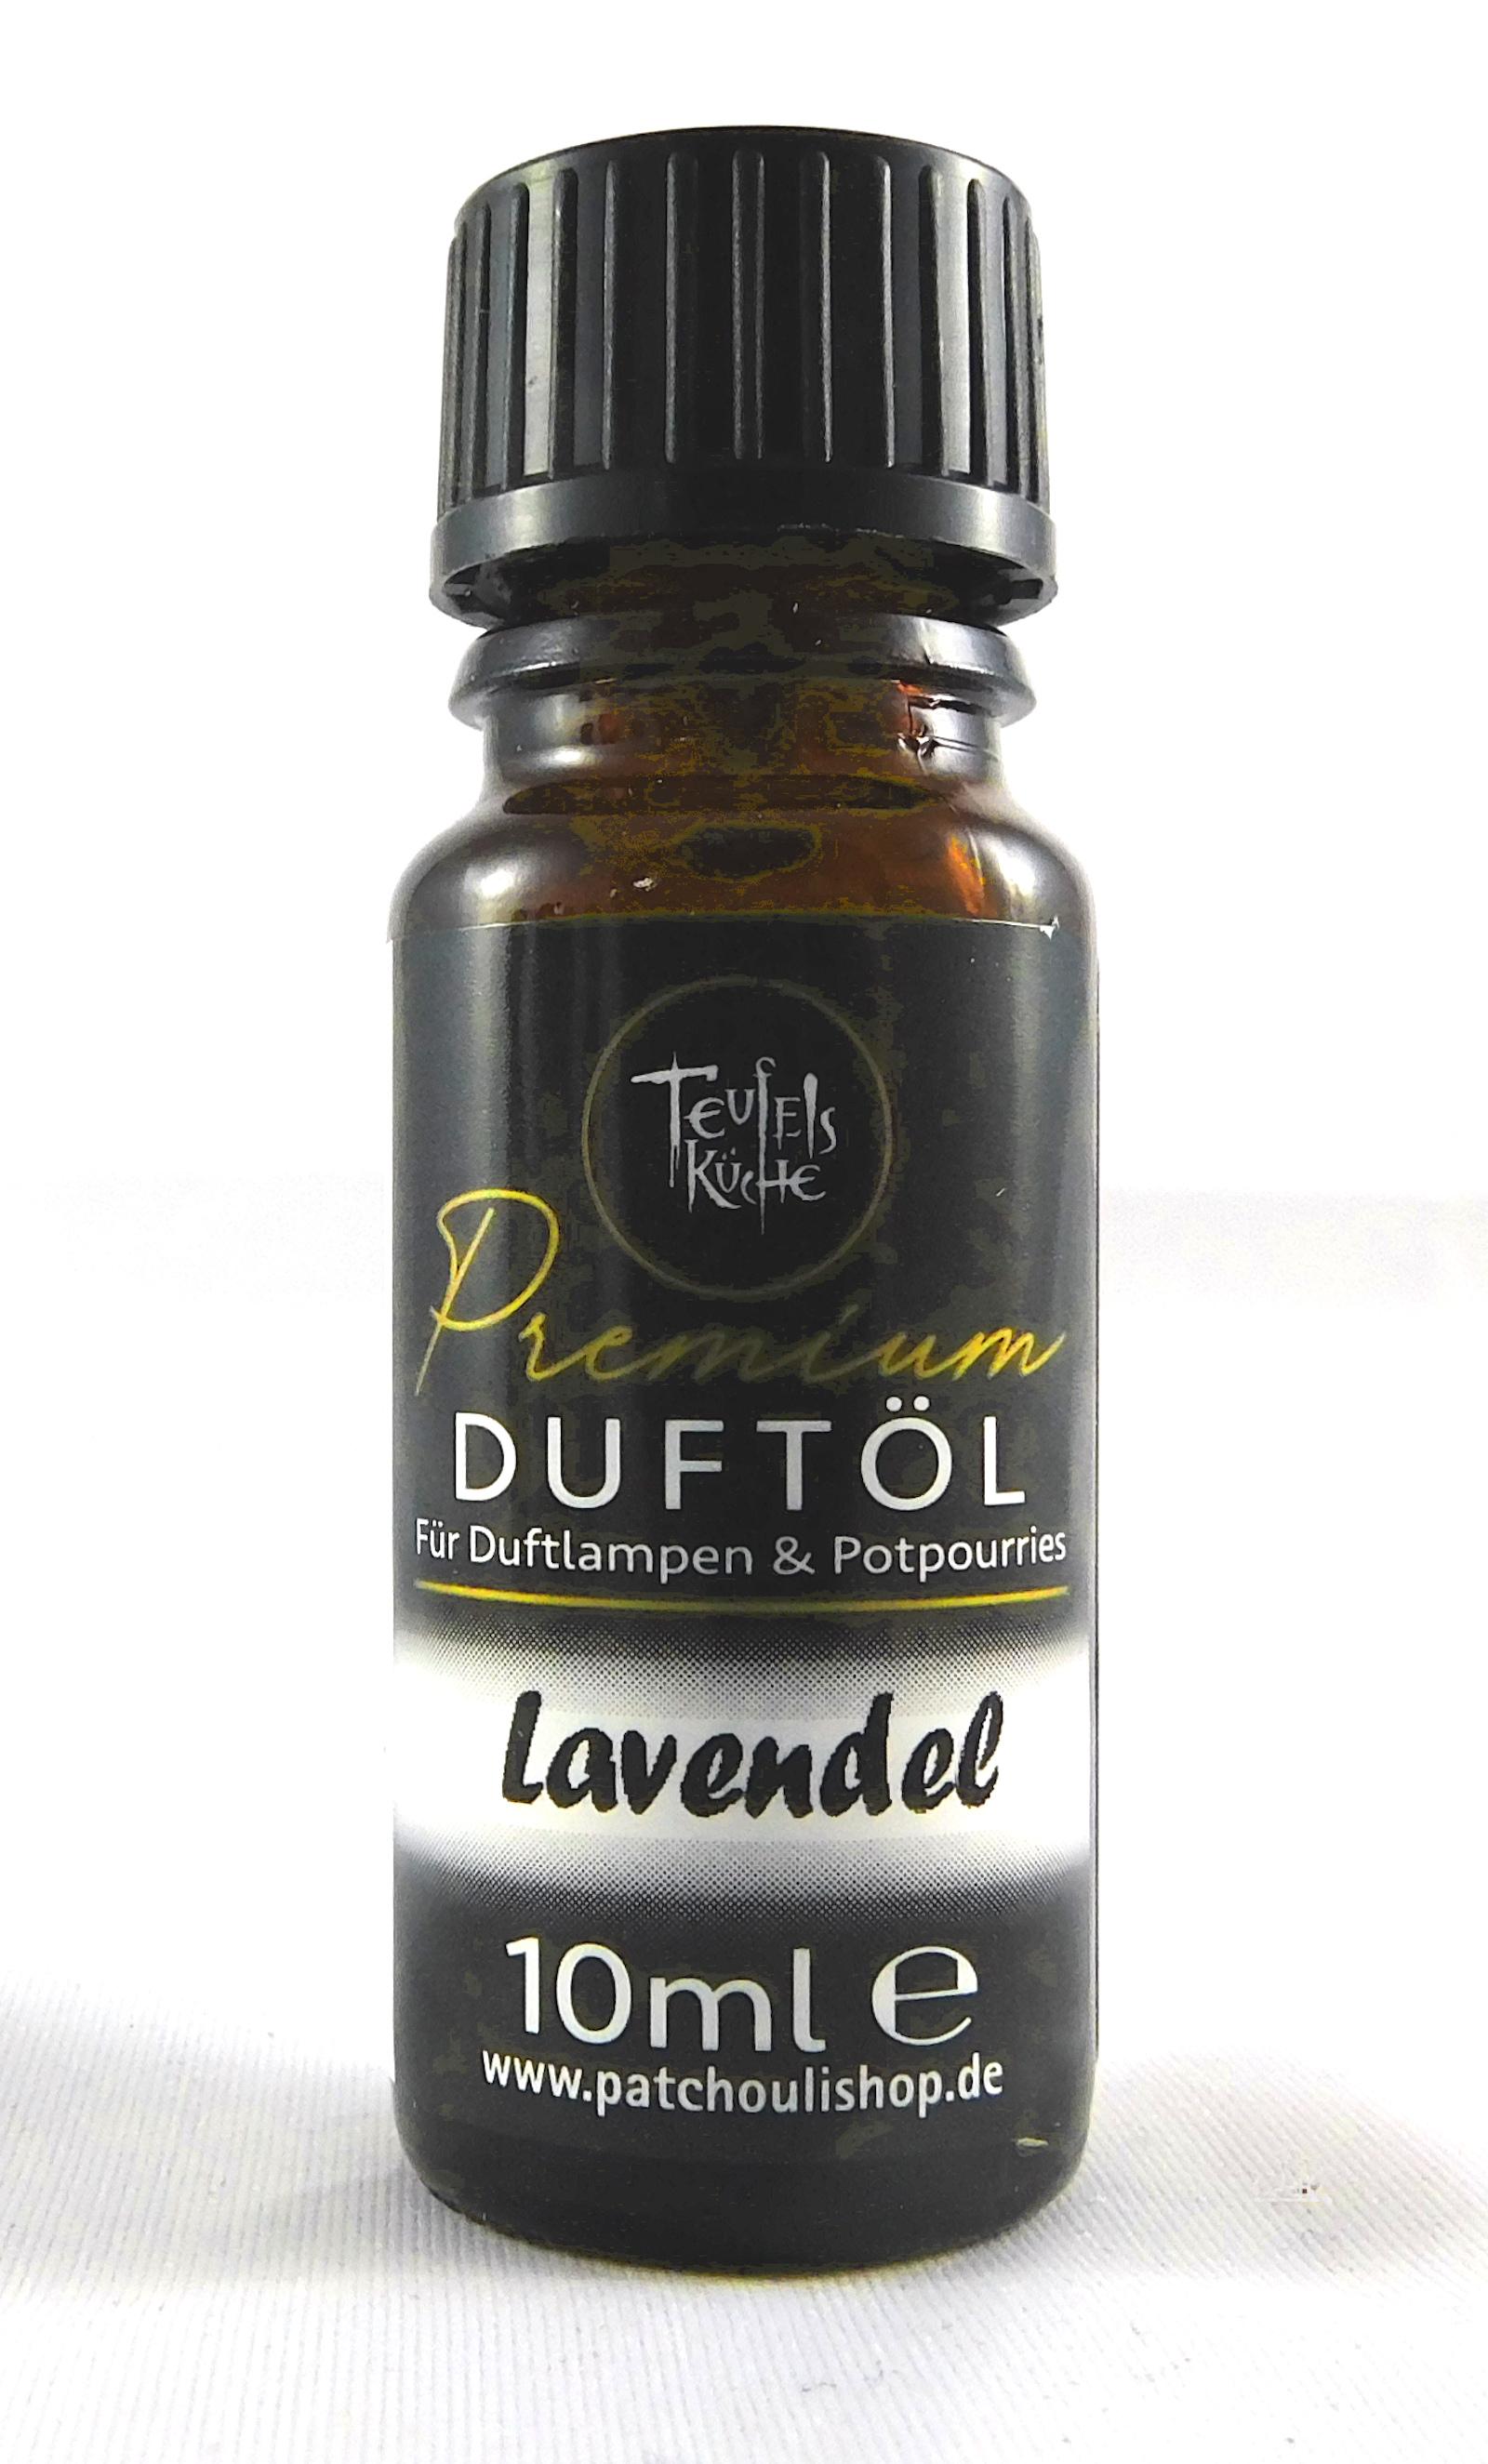 Premium Duftöl von Teufelsküche Lavendel